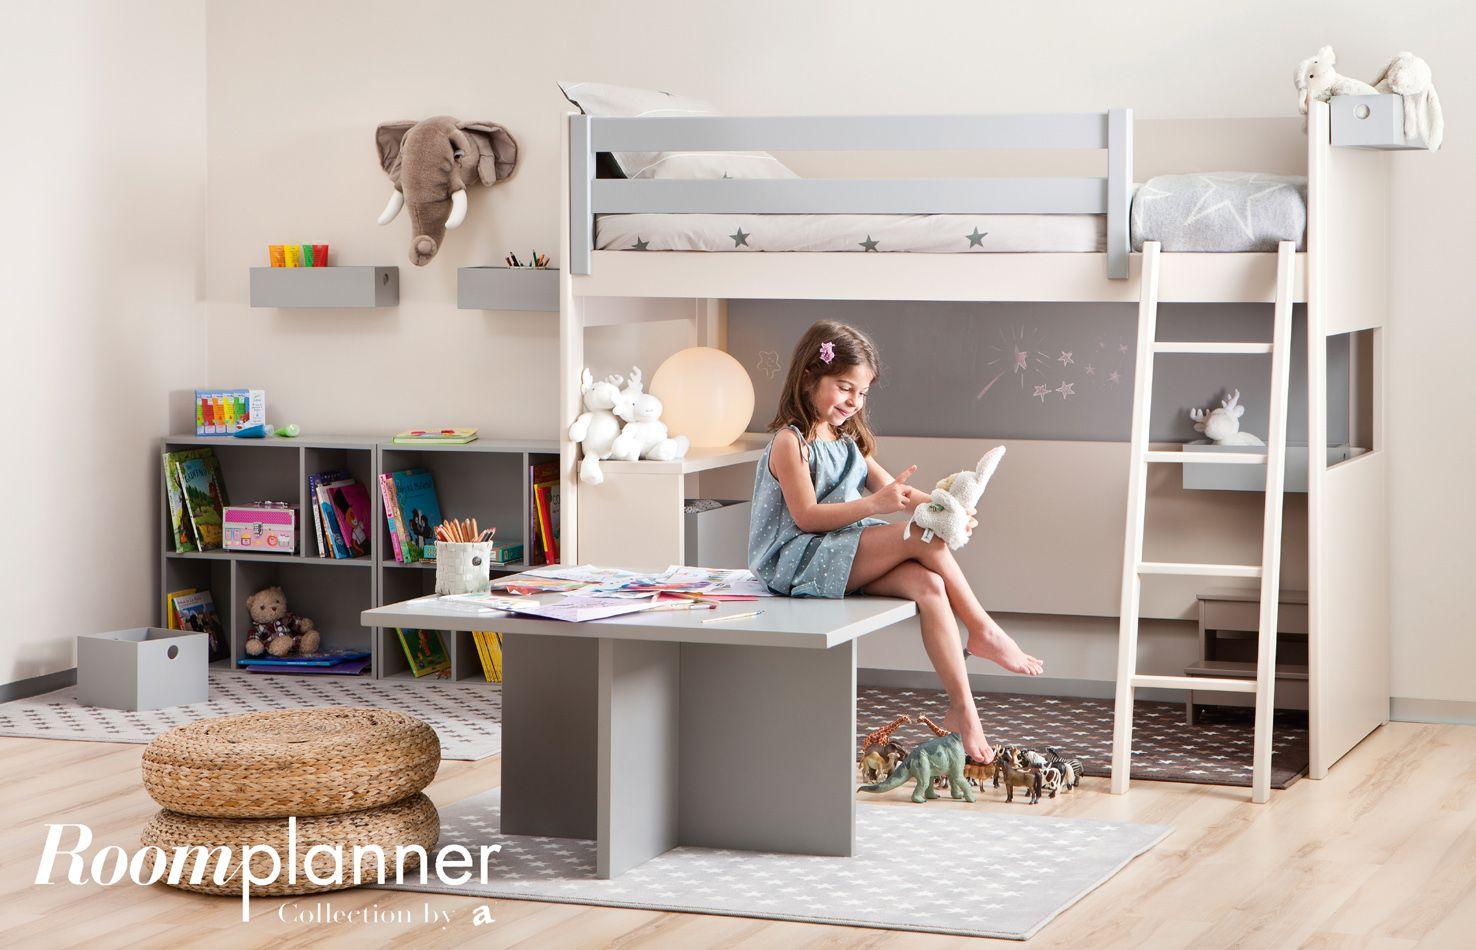 Lit Mezzanine Adria Plus D Infos Sur Anders Paris Com Lit Mezzanine Enfant Lit Mezzanine Mezzanine Enfant